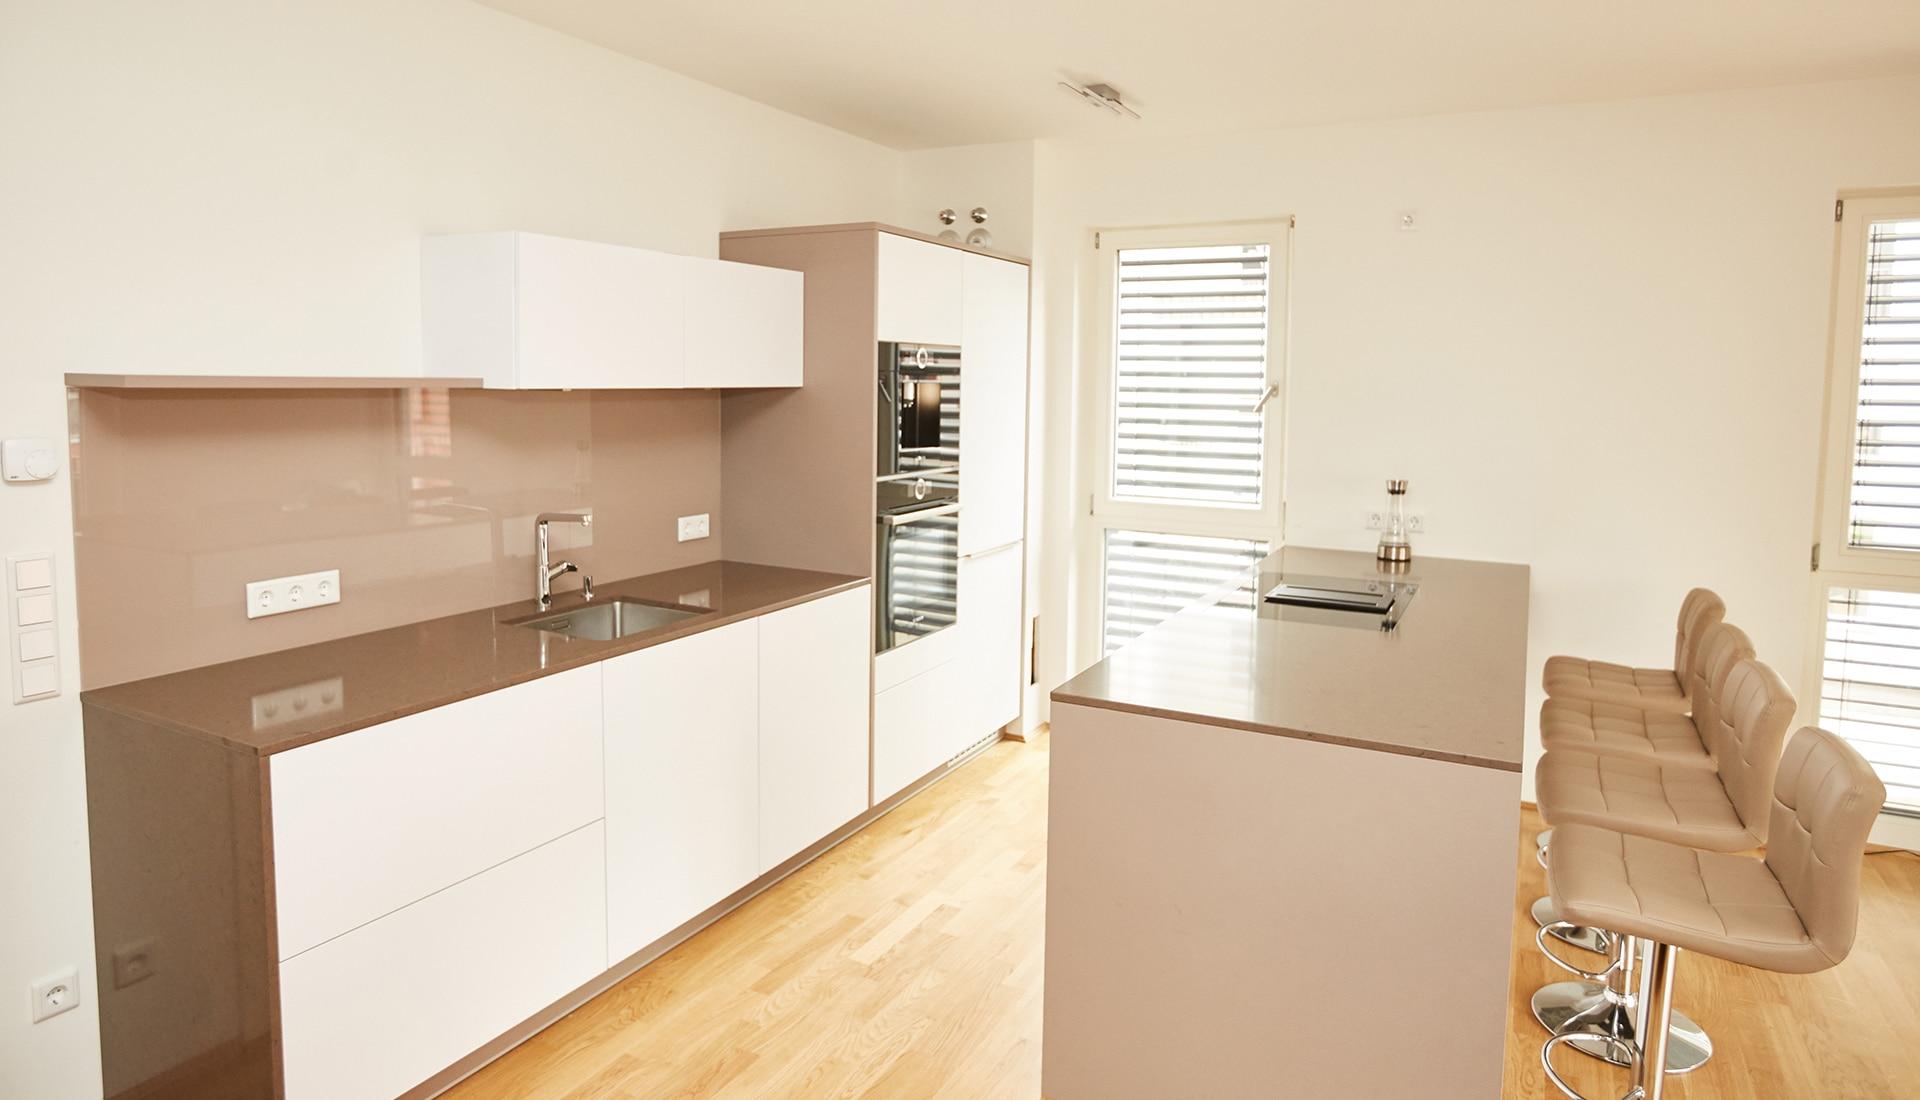 Ausgezeichnet Küche Lichtlösungen Uk Ideen - Küchenschrank Ideen ...